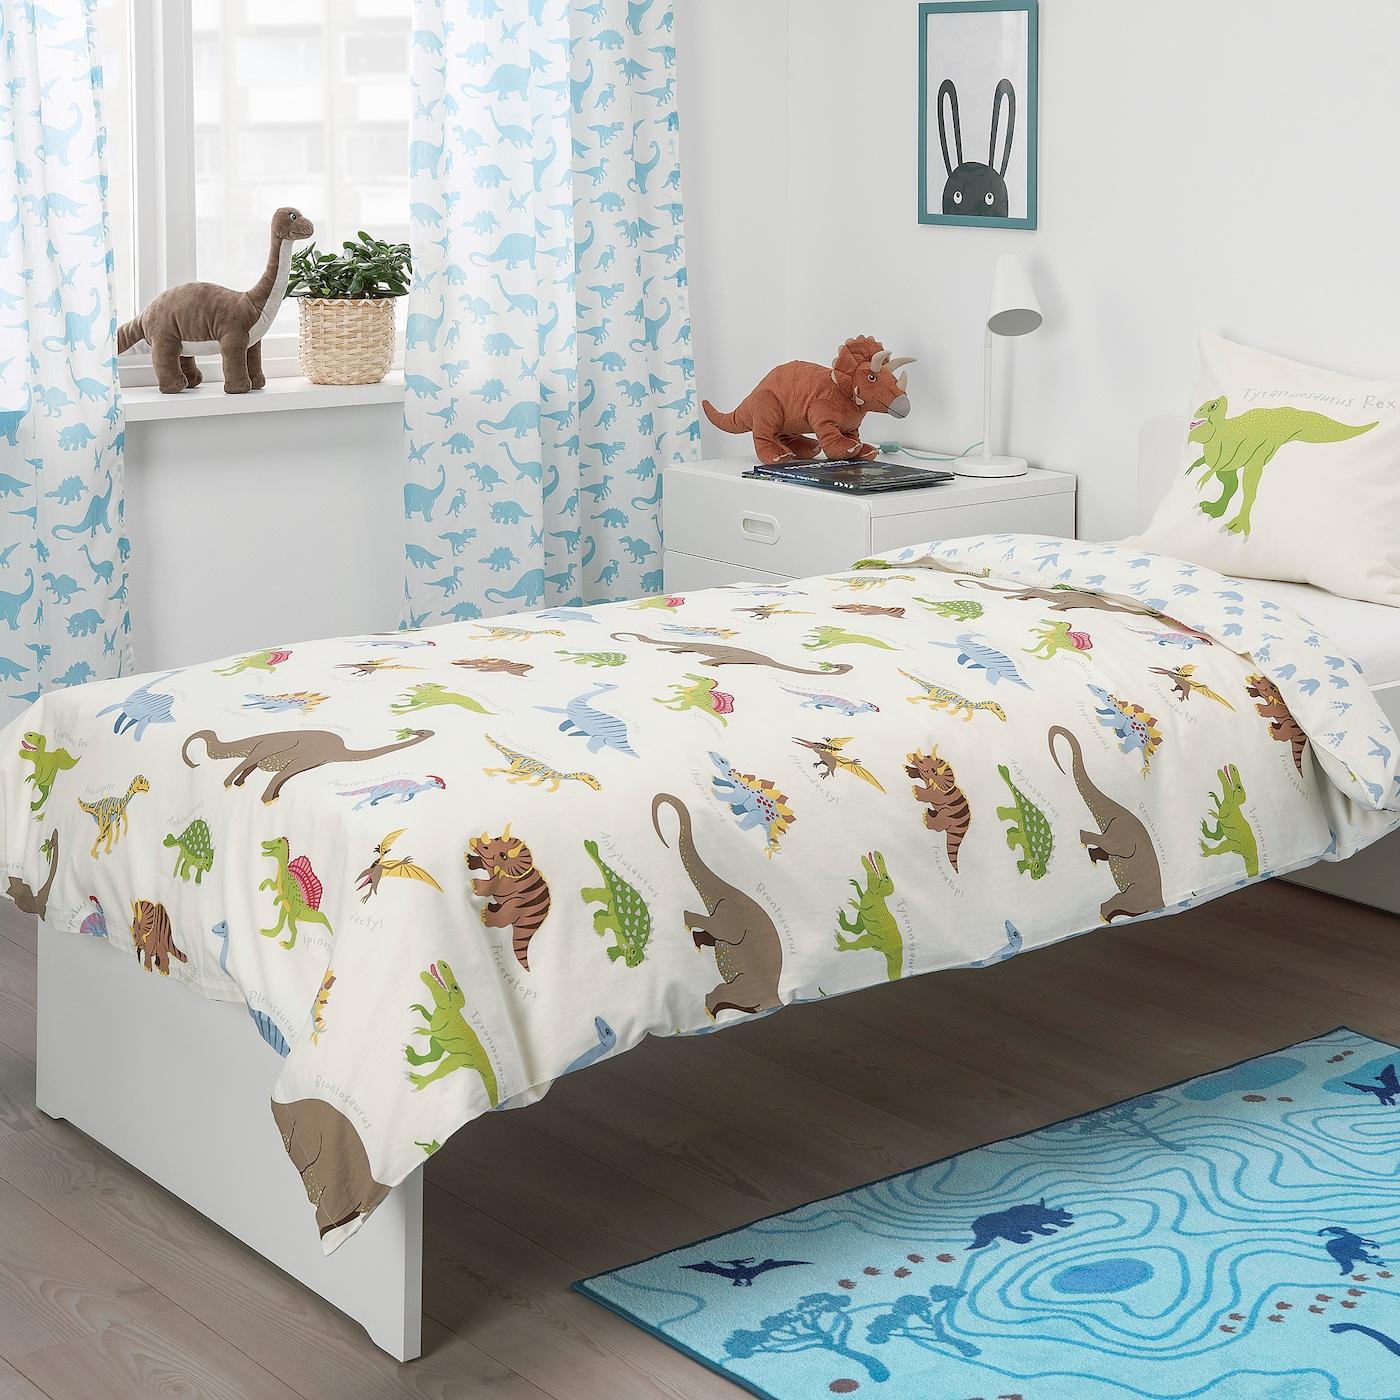 JÄTTELIK Duvet cover and pillowcase(s), Dinosaurs/white, Twin